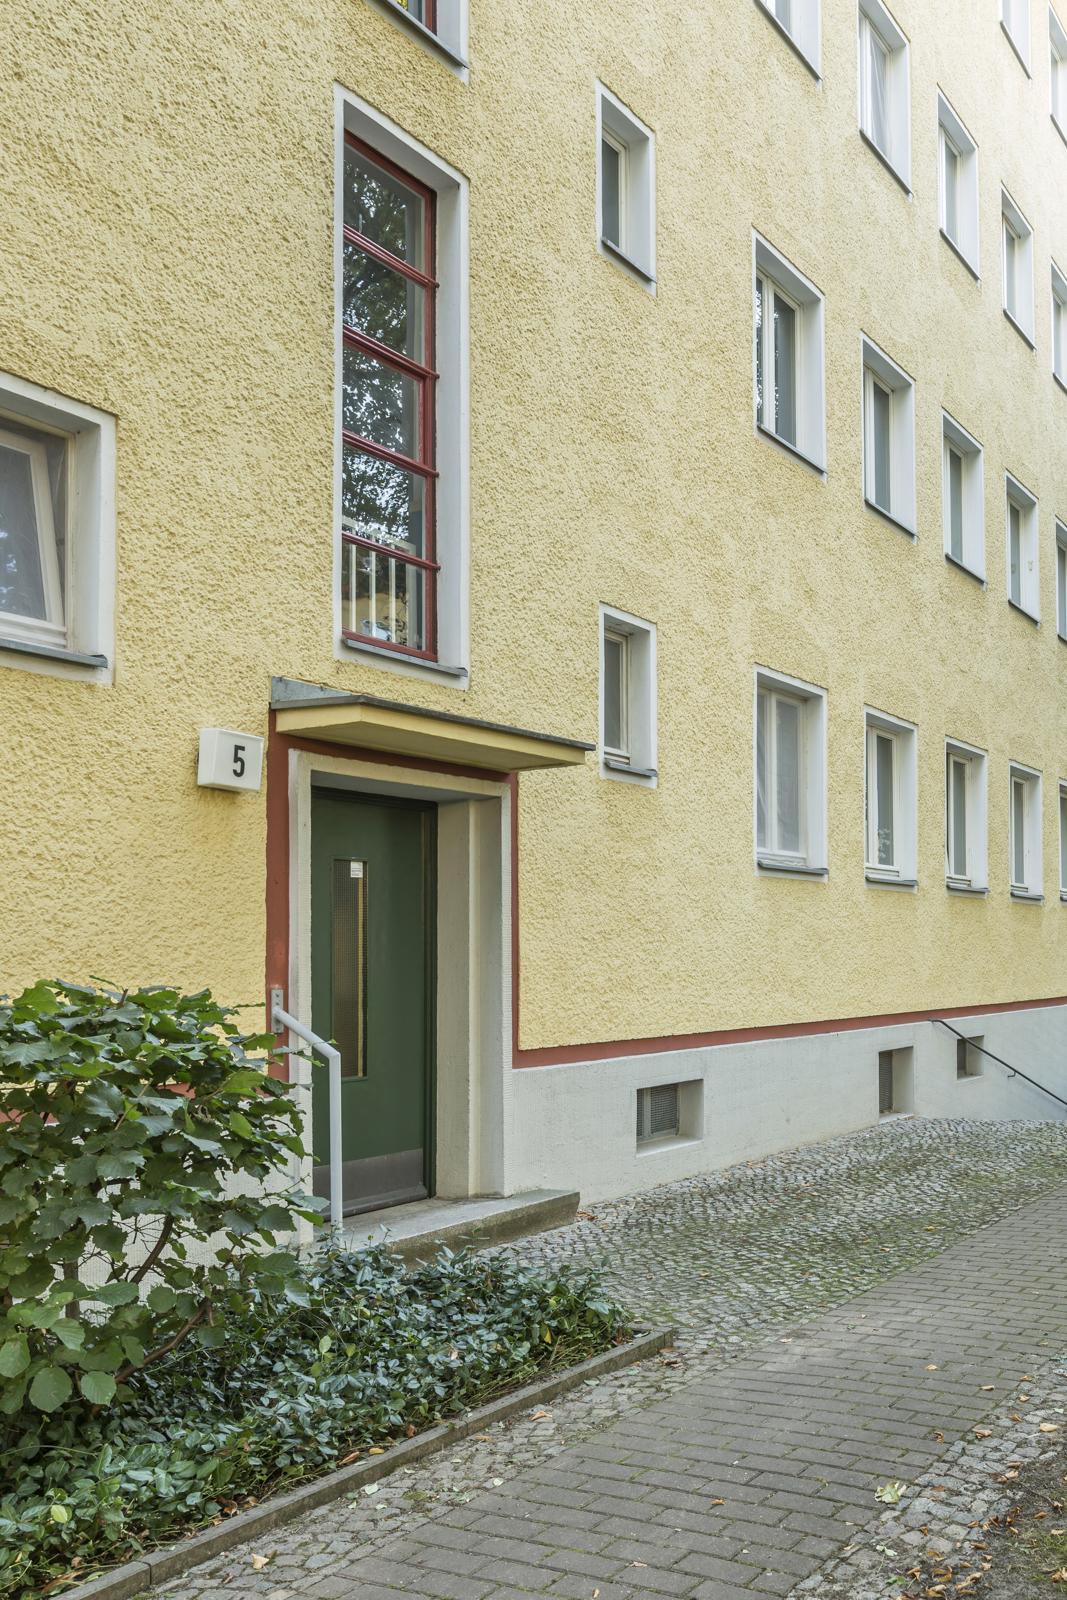 Ingo_Lawaczeck_Mähren_Lindenhoekweg_5-4